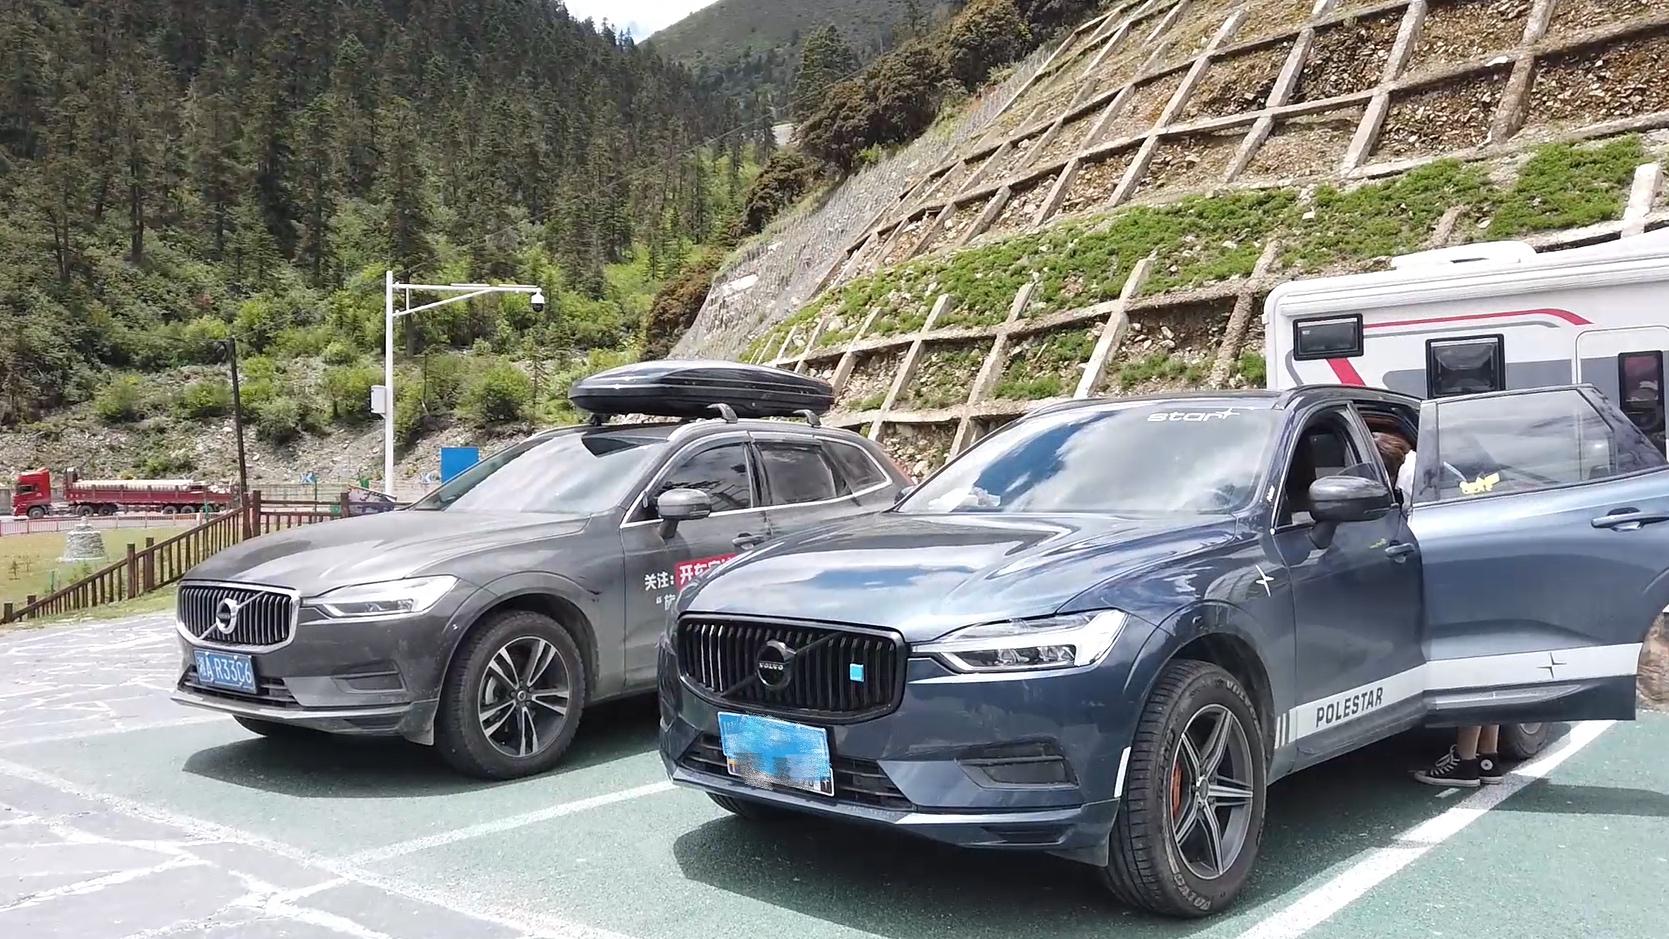 川藏自驾遇改装XC60,一对卡钳竟然1W多,刷北极星山路驾驶更爽